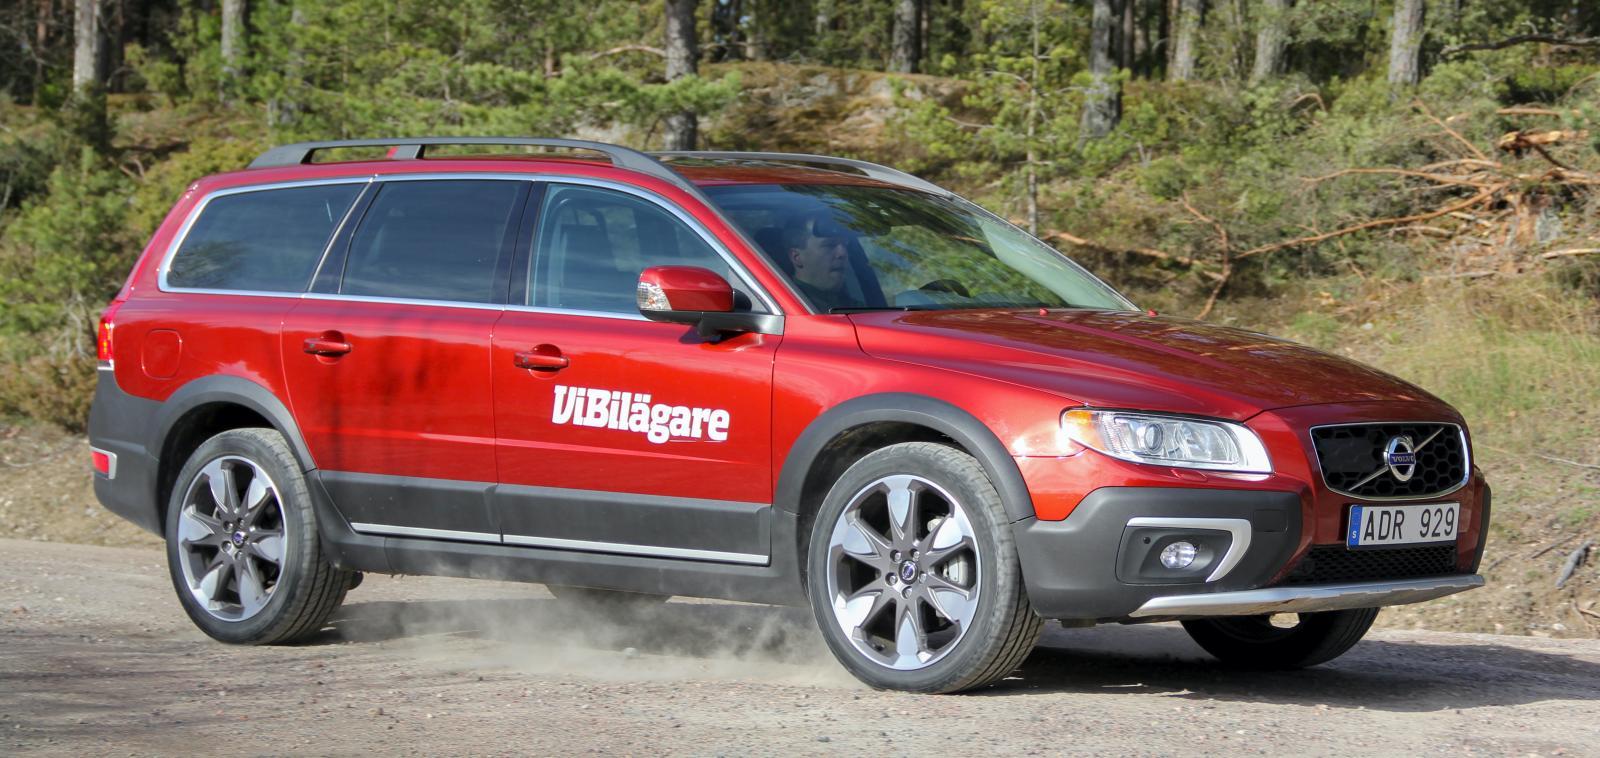 Volvo har nyligen sänkt kamremsintervallet för många av dieselmodellerna med 9 000 mil.